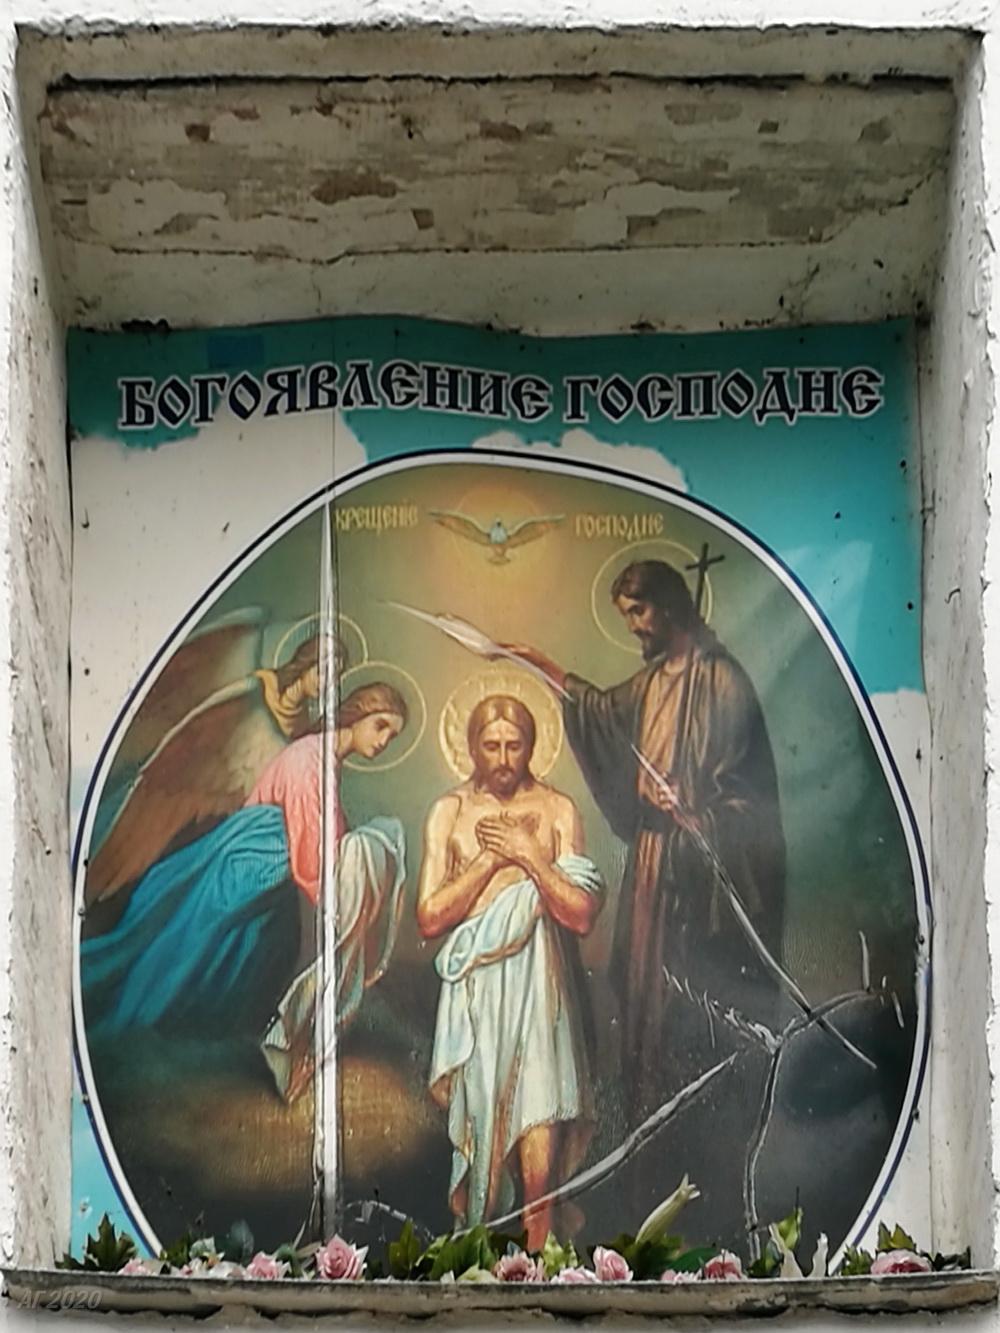 Надвратная икона.  Богоявленско-Анастасиин женский монастырь, Кострома, 02.08.2020